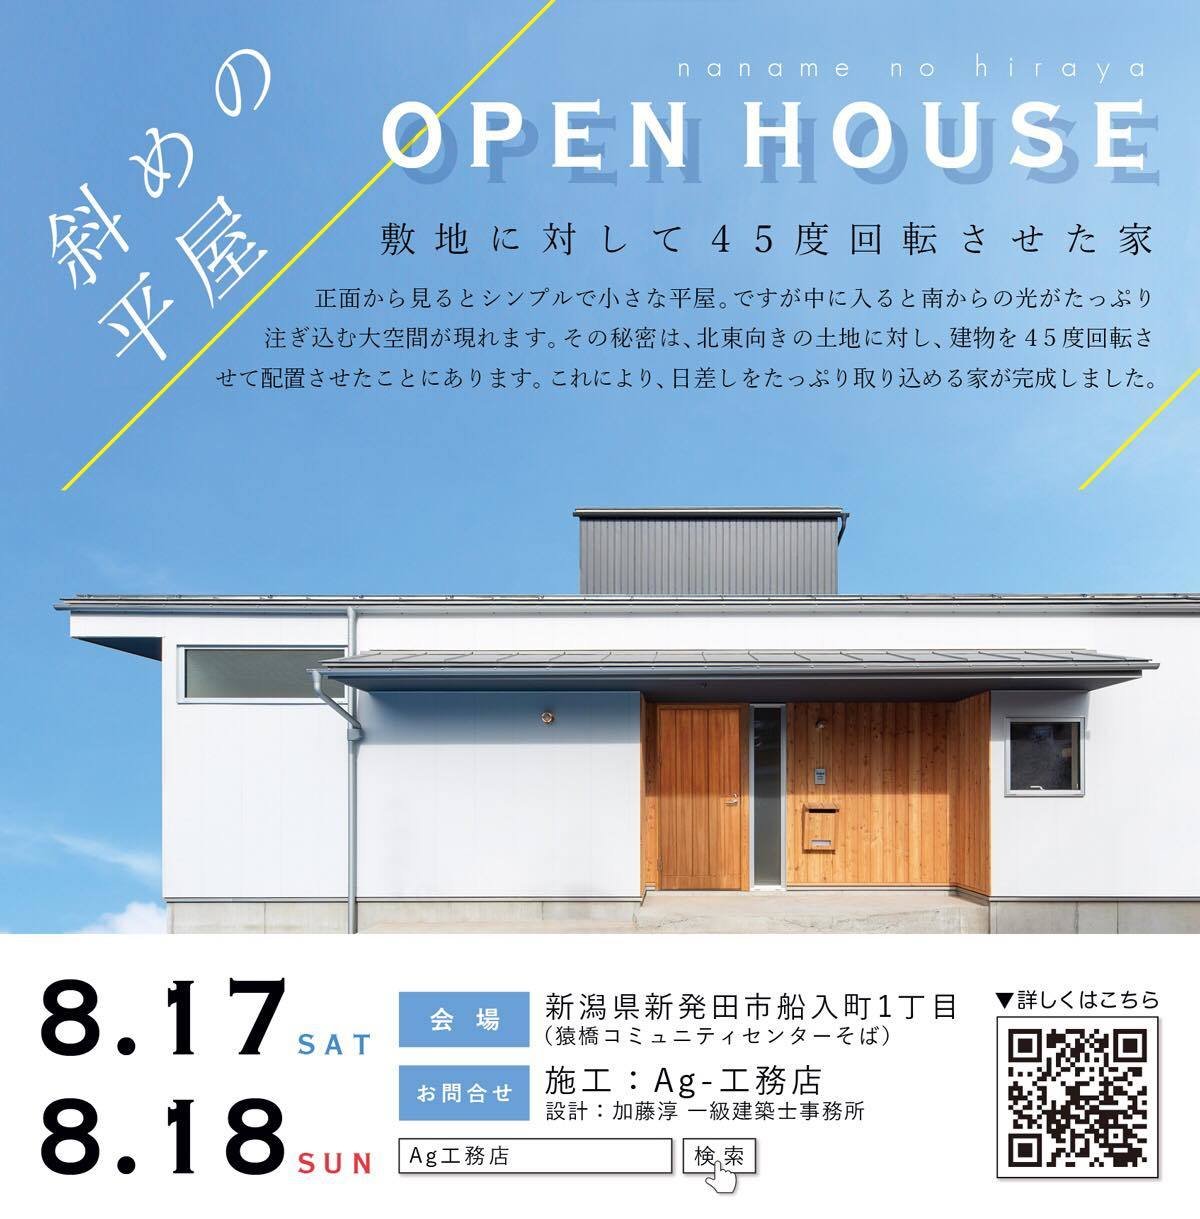 オープンハウスを開催します! 新発田猿橋の家_b0349892_06173562.jpg